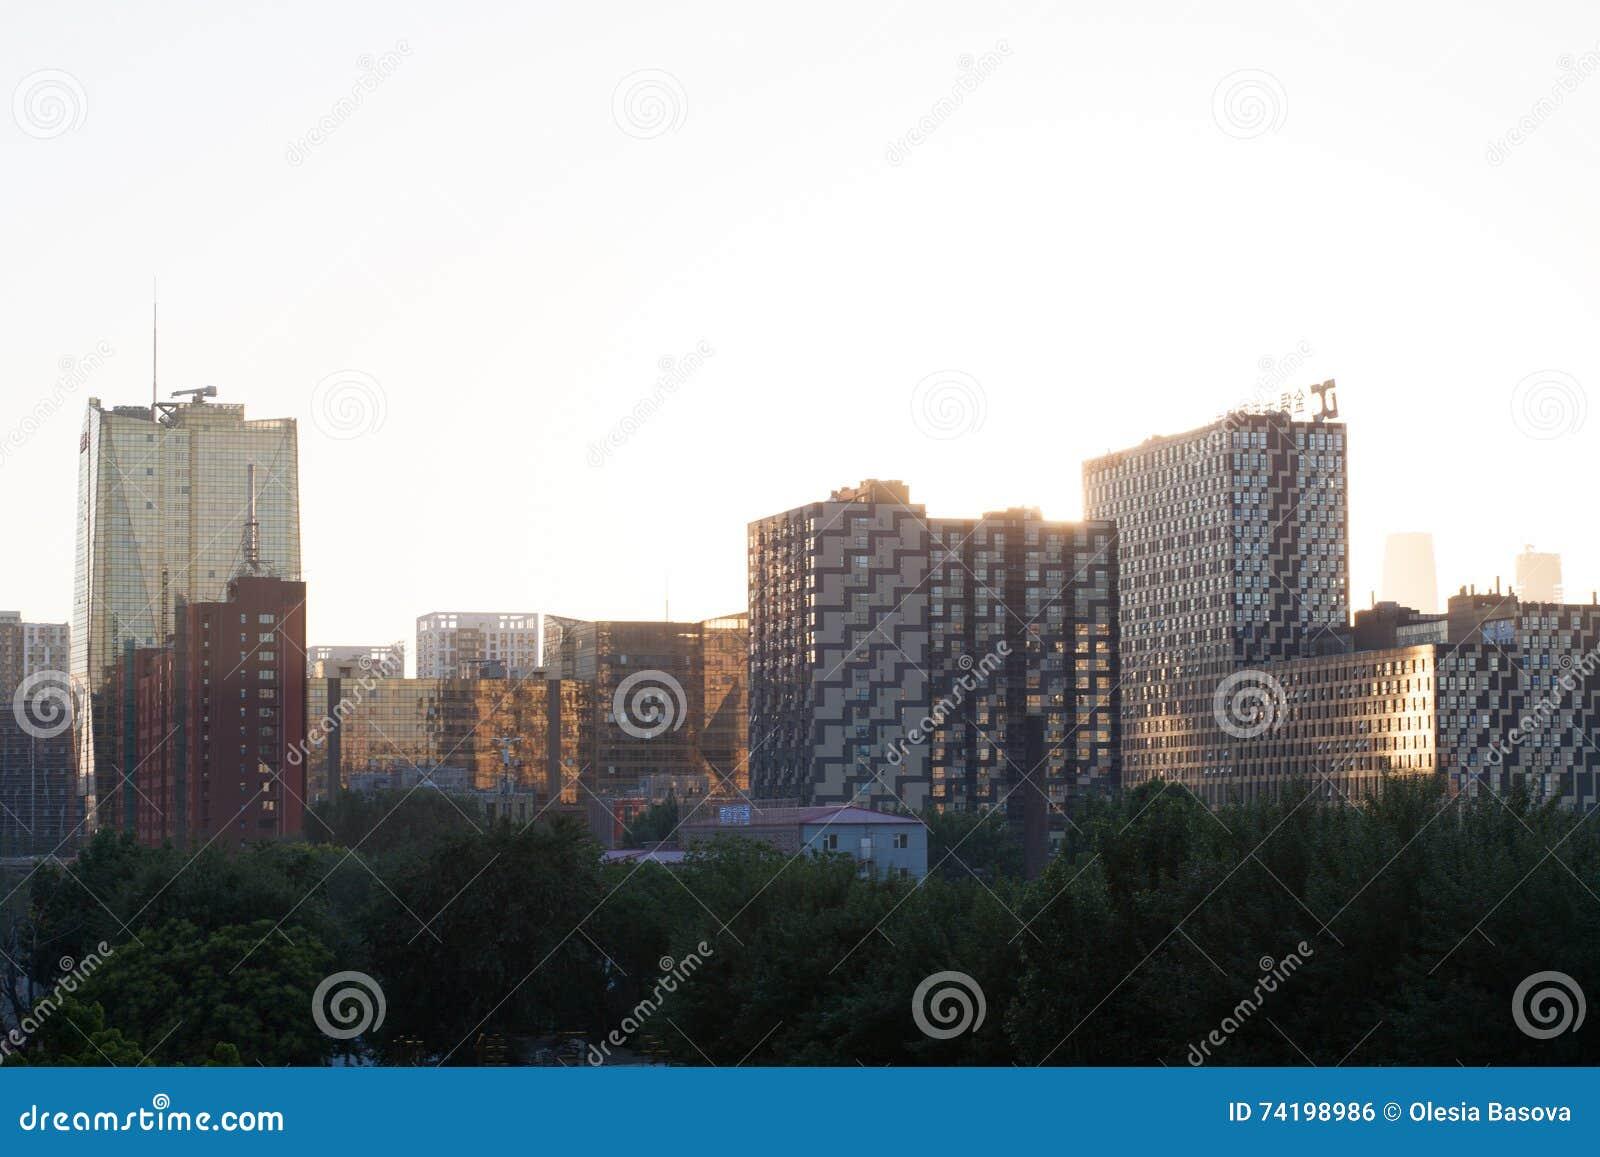 Gestalten Sie mit dem Bild von skycrapers in Peking landschaftlich